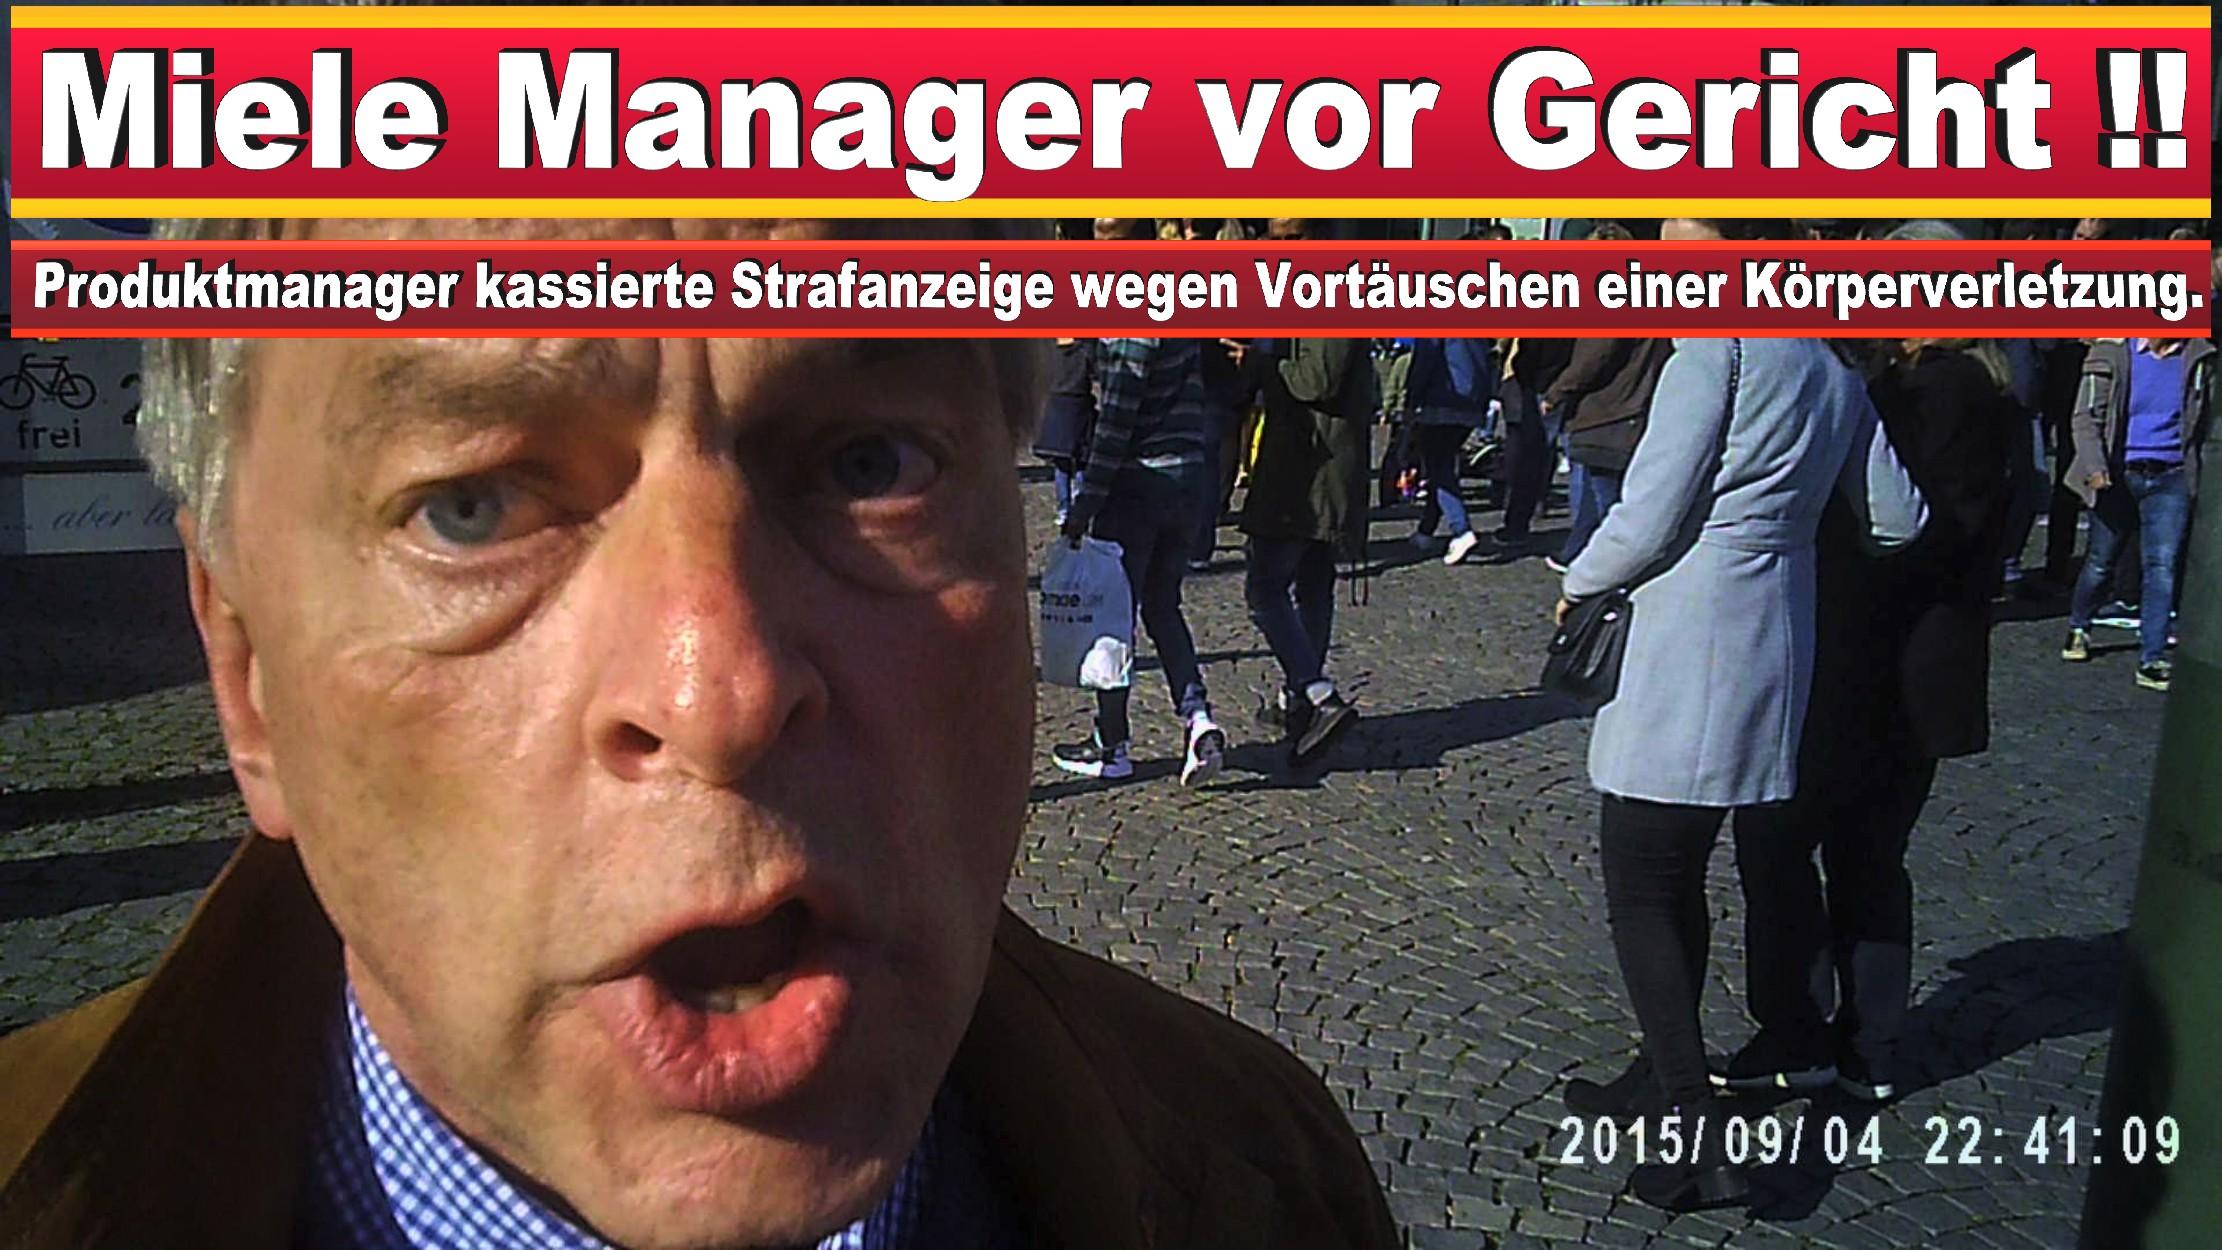 MICHAEL WEBER CDU BIELEFELD GEWALTAUSBRUCH UND STRAFANZEIGE (17)